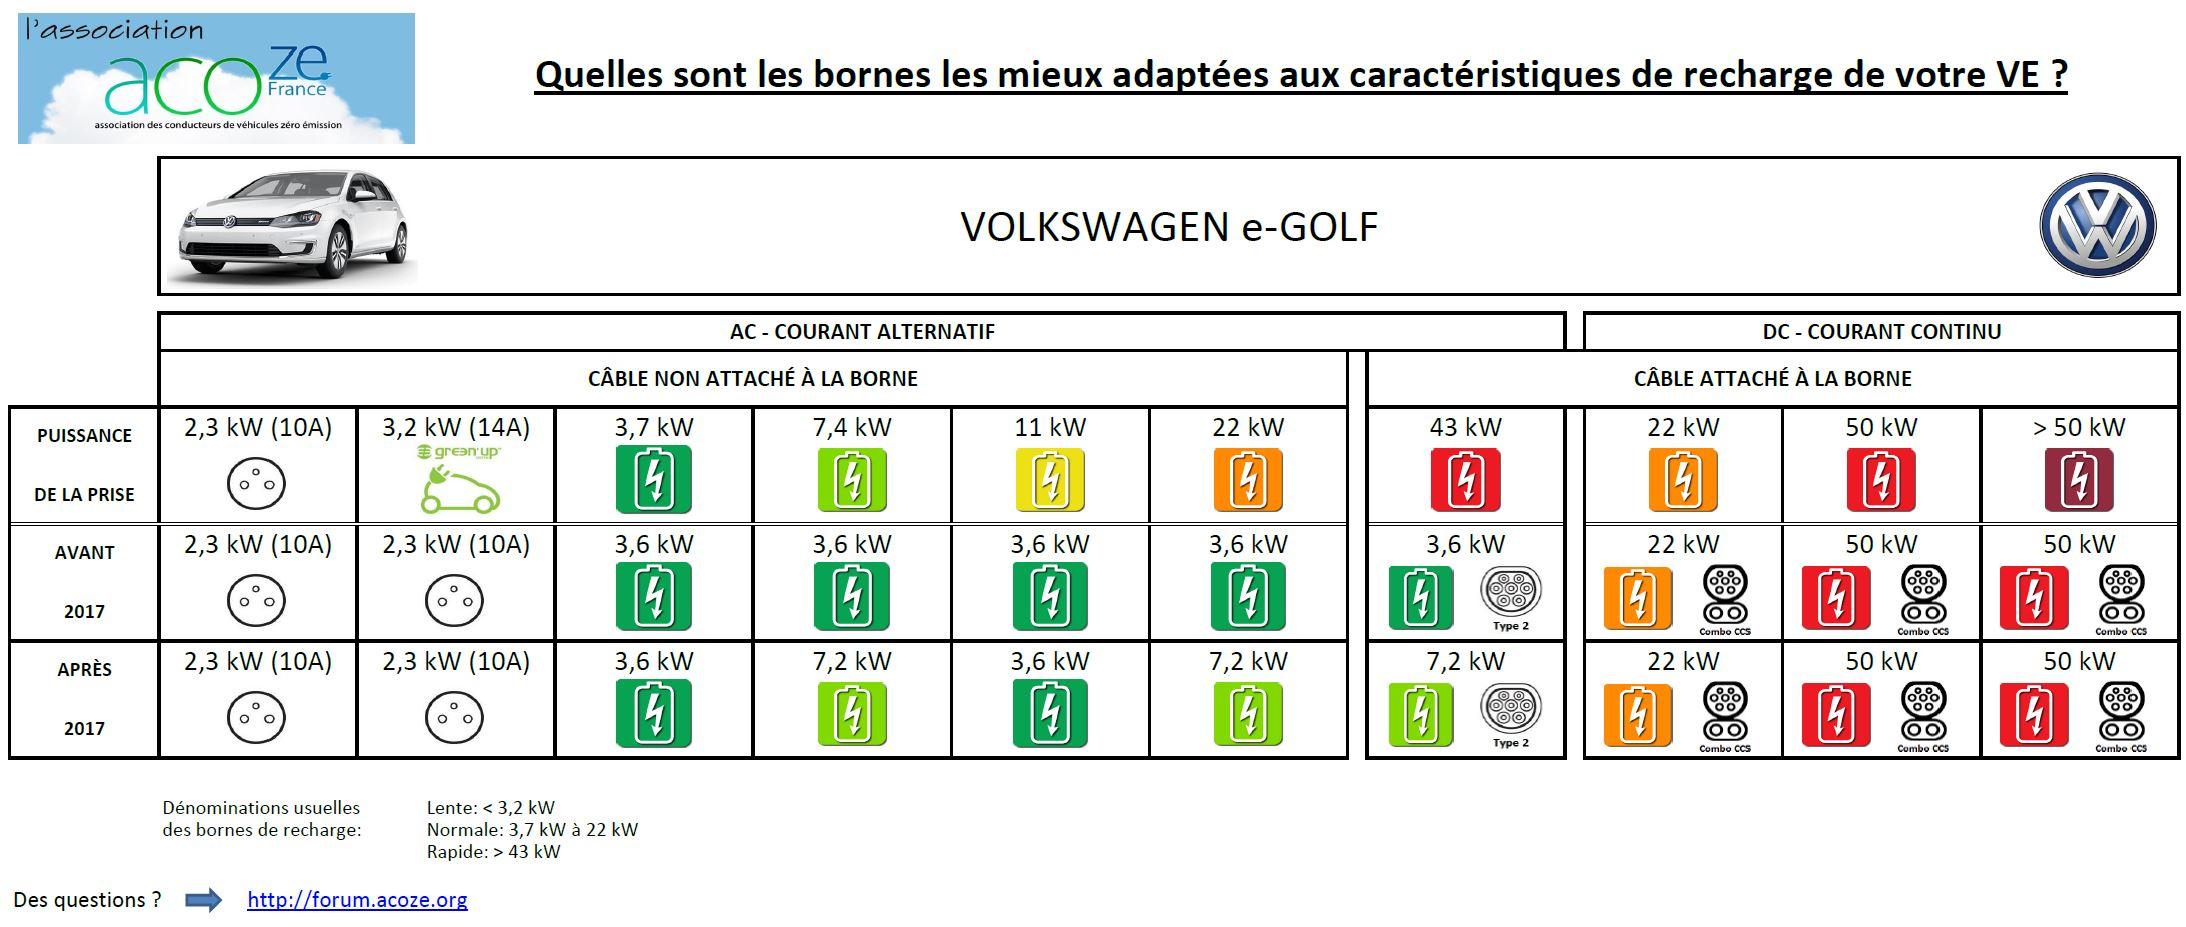 e-Golf.jpg?ssl=1